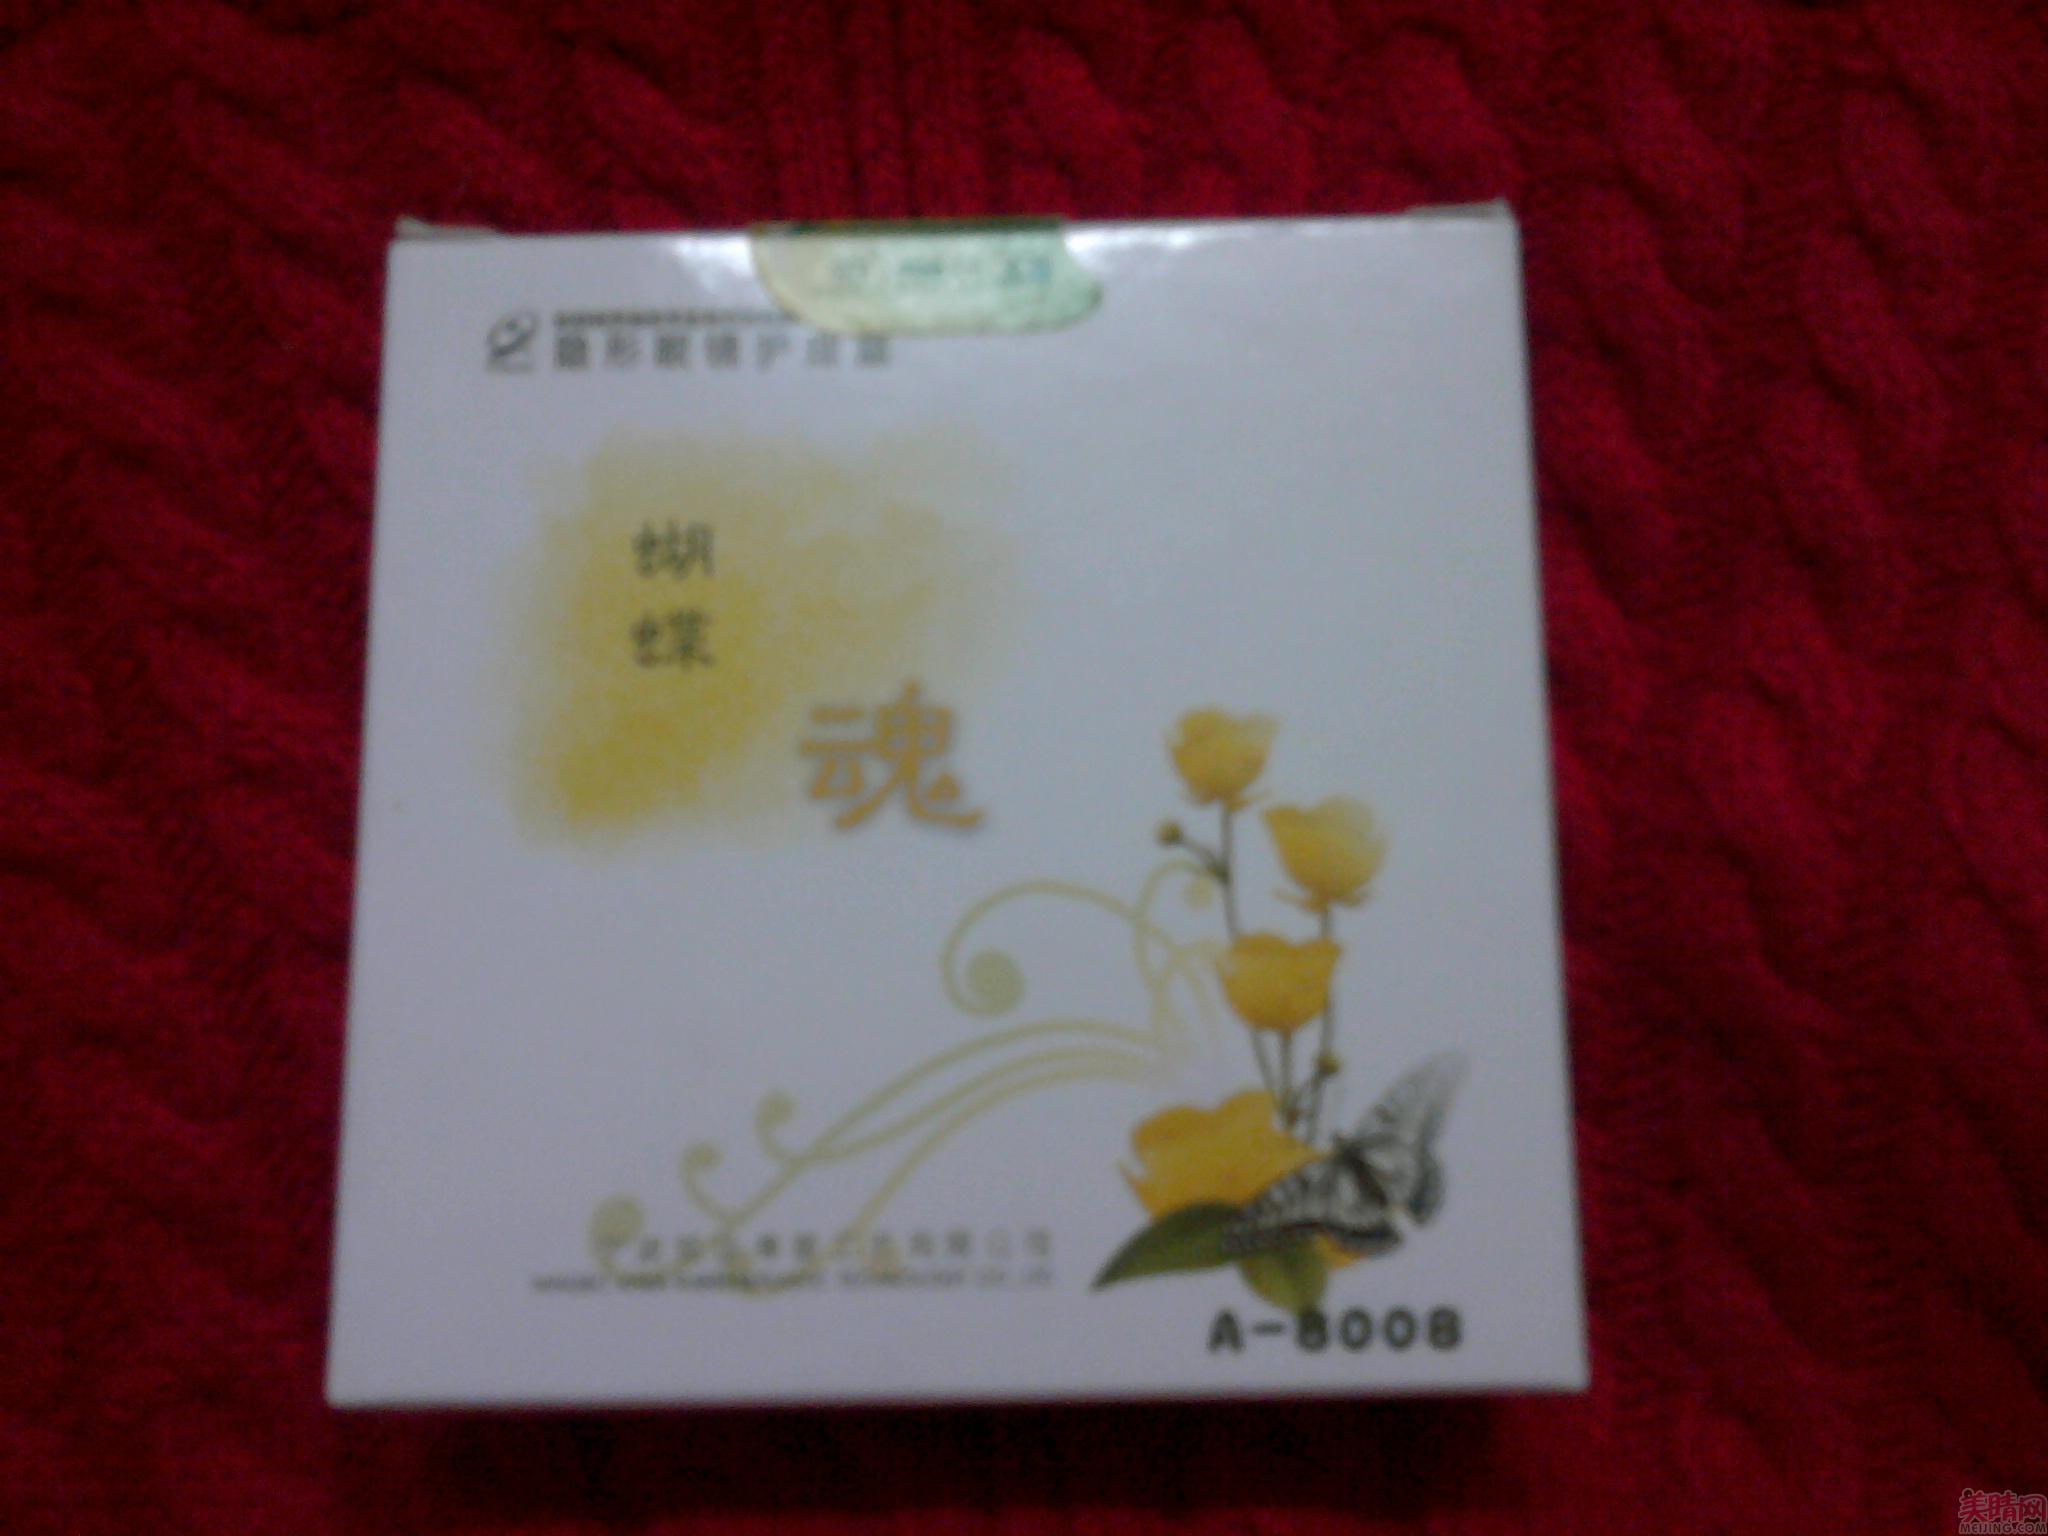 眼镜伴侣盒-蝴蝶魂a8008